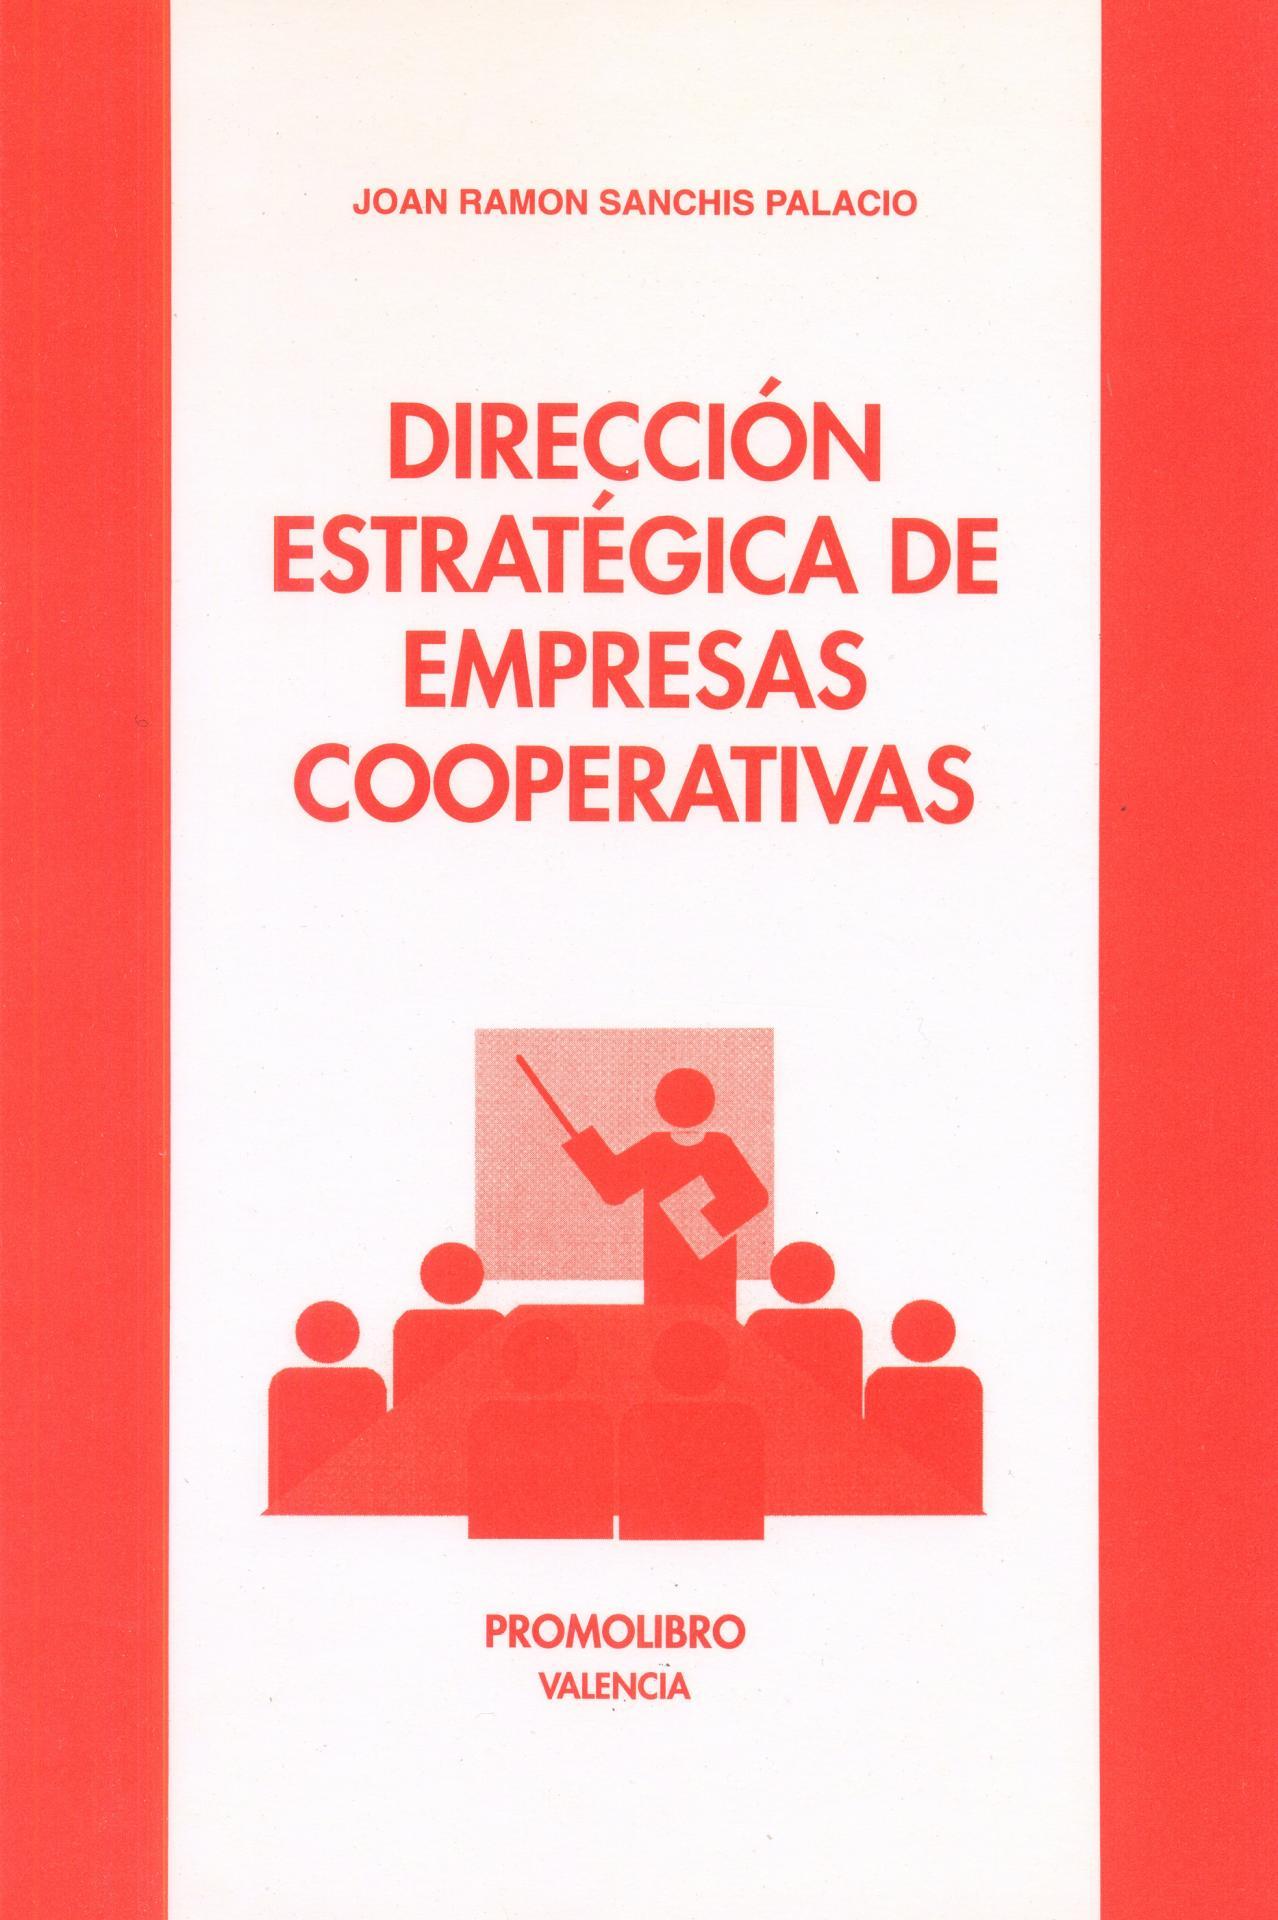 DIRECCIÓN ESTRATÉGICA DE EMPRESAS COOPERATIVAS